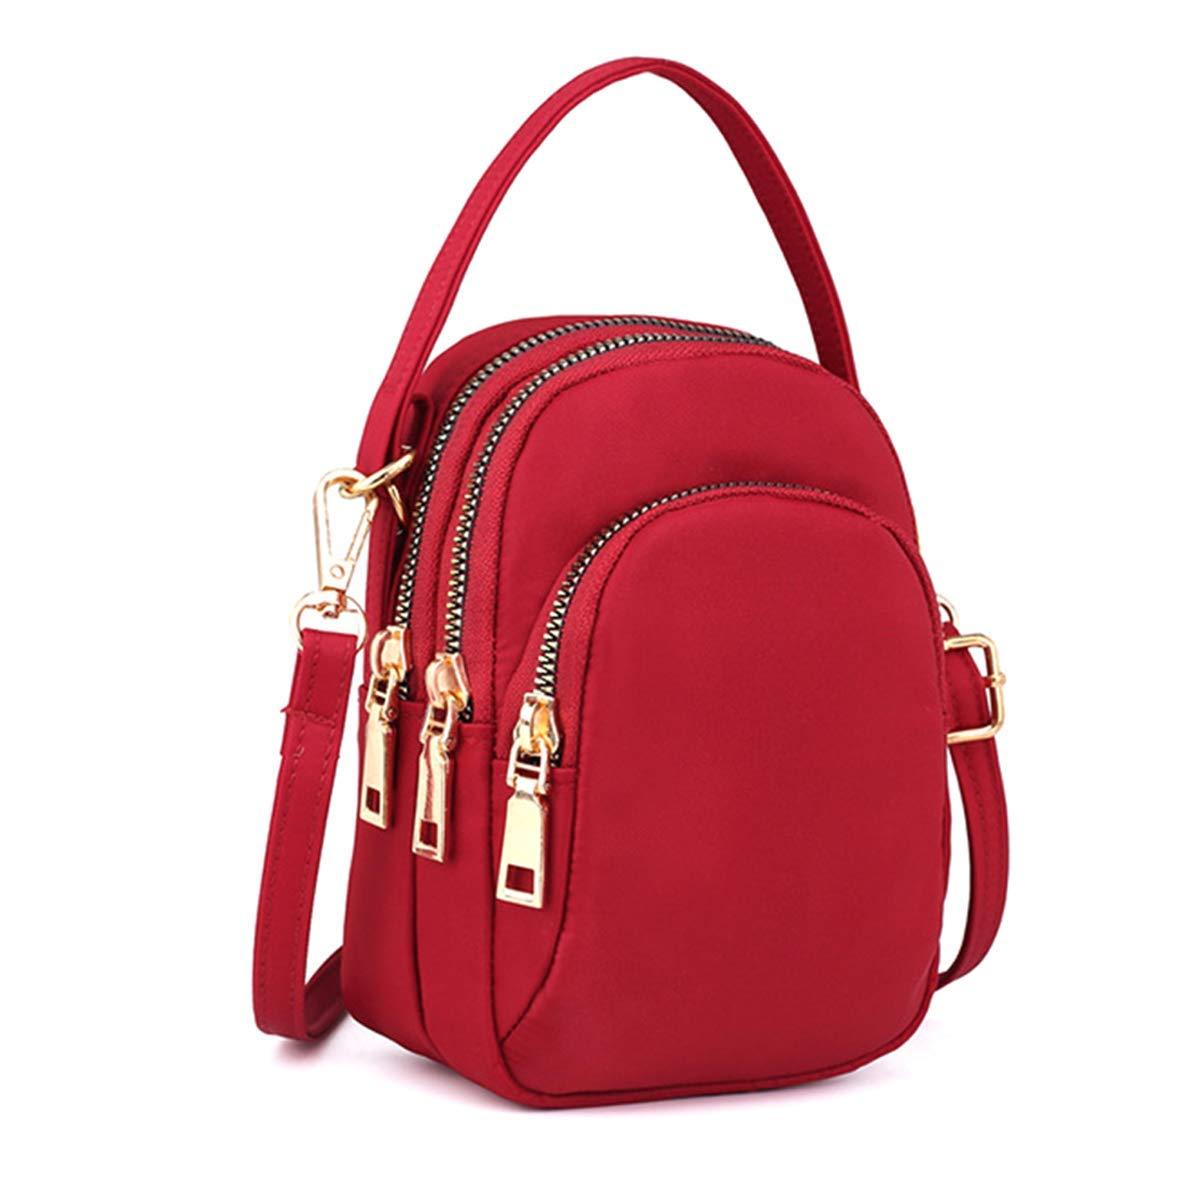 Cxjff nylon vattentät liten mode cross-body väska axelväskor passar dam och flickor (blå) (färg: Grön) Röd